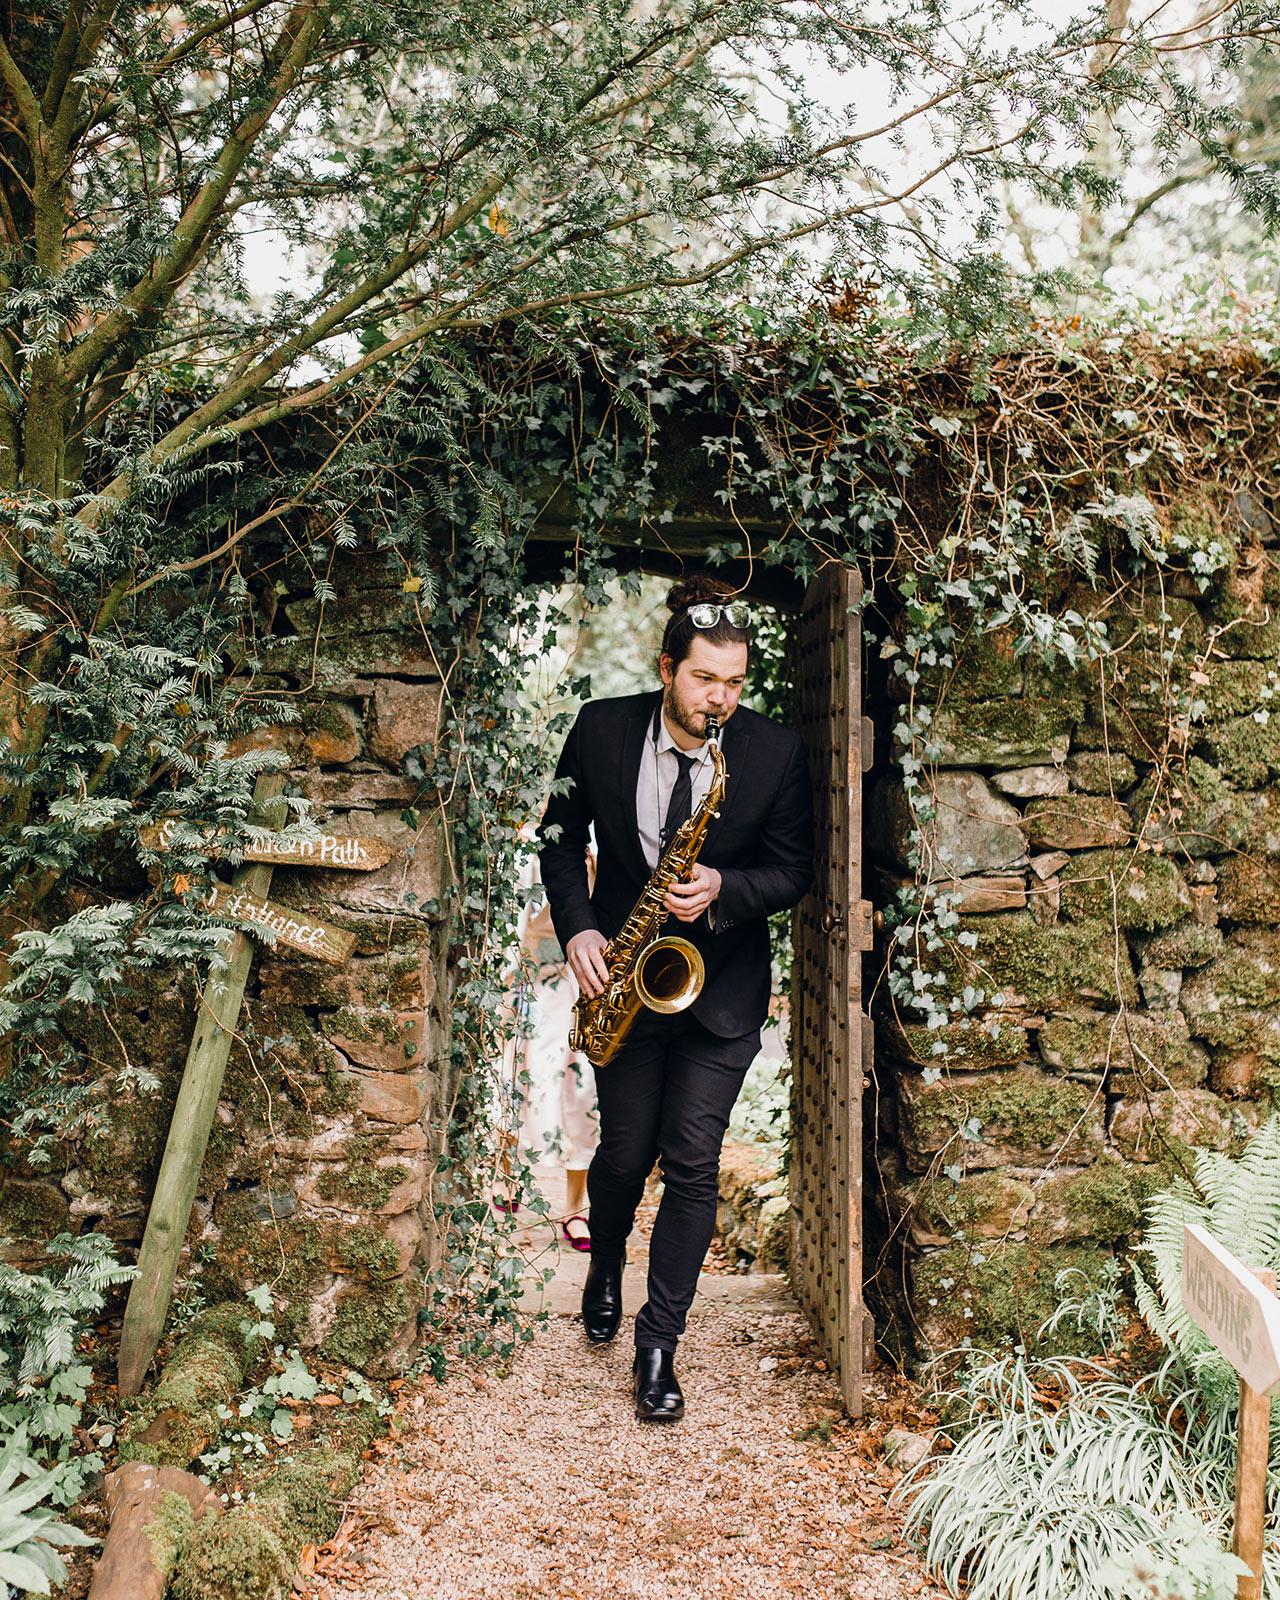 wedding saxophone player garden entrance